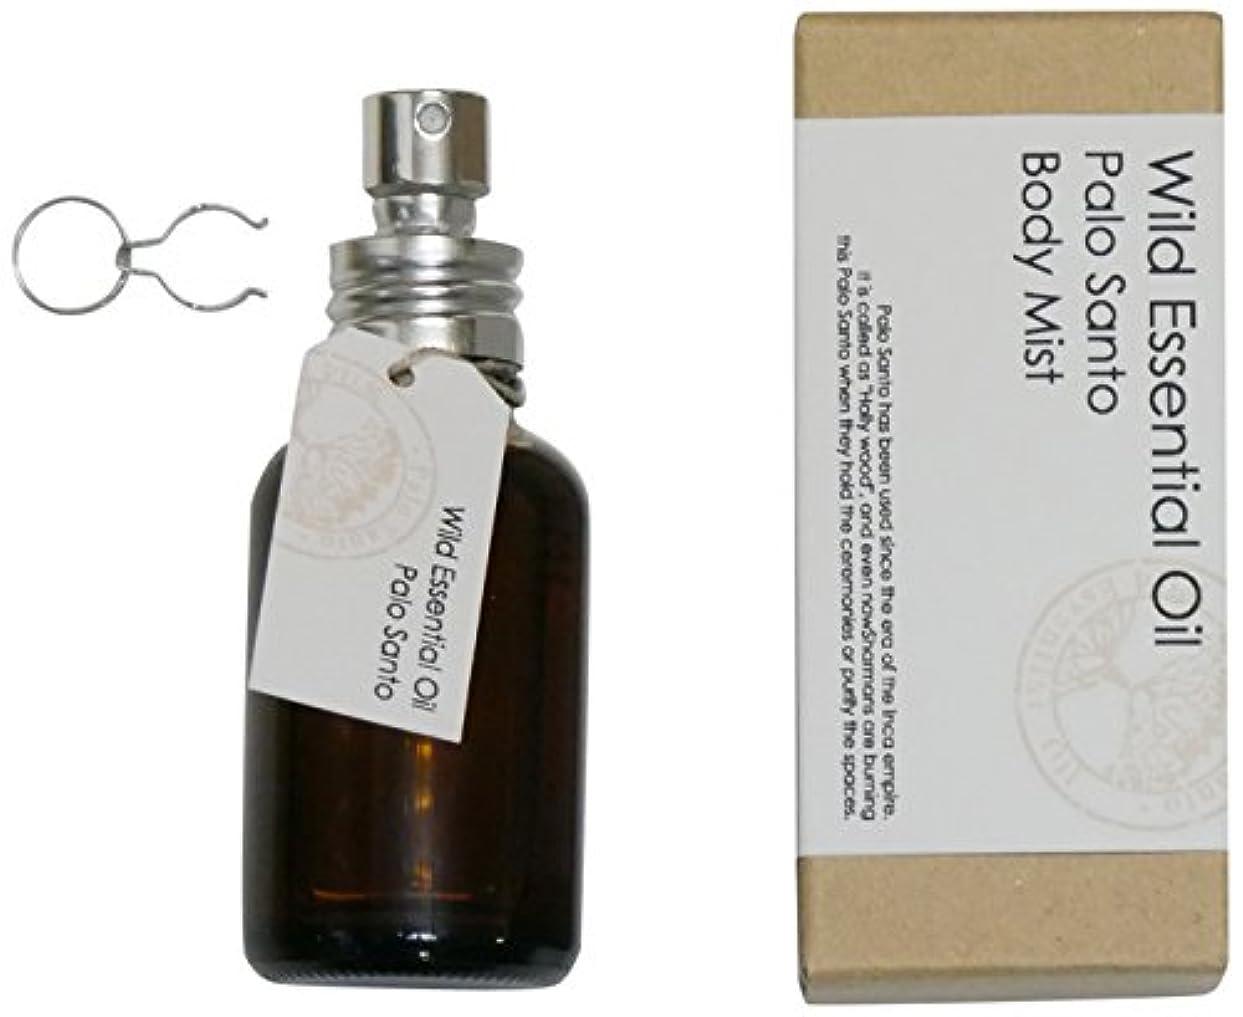 銀バイパスコースアロマレコルト ボディミスト パロサント 【Palo Santo】 ワイルド エッセンシャルオイル wild essential oil body mist arome recolte